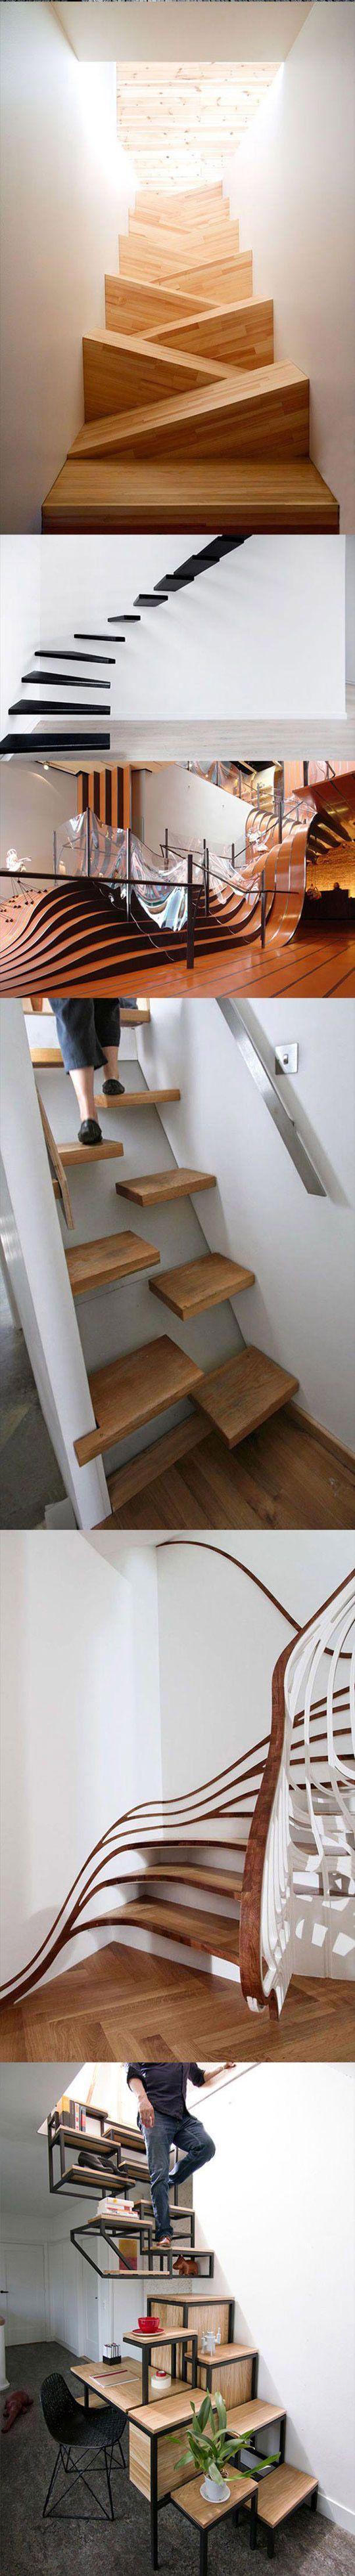 Amazing stairs 4